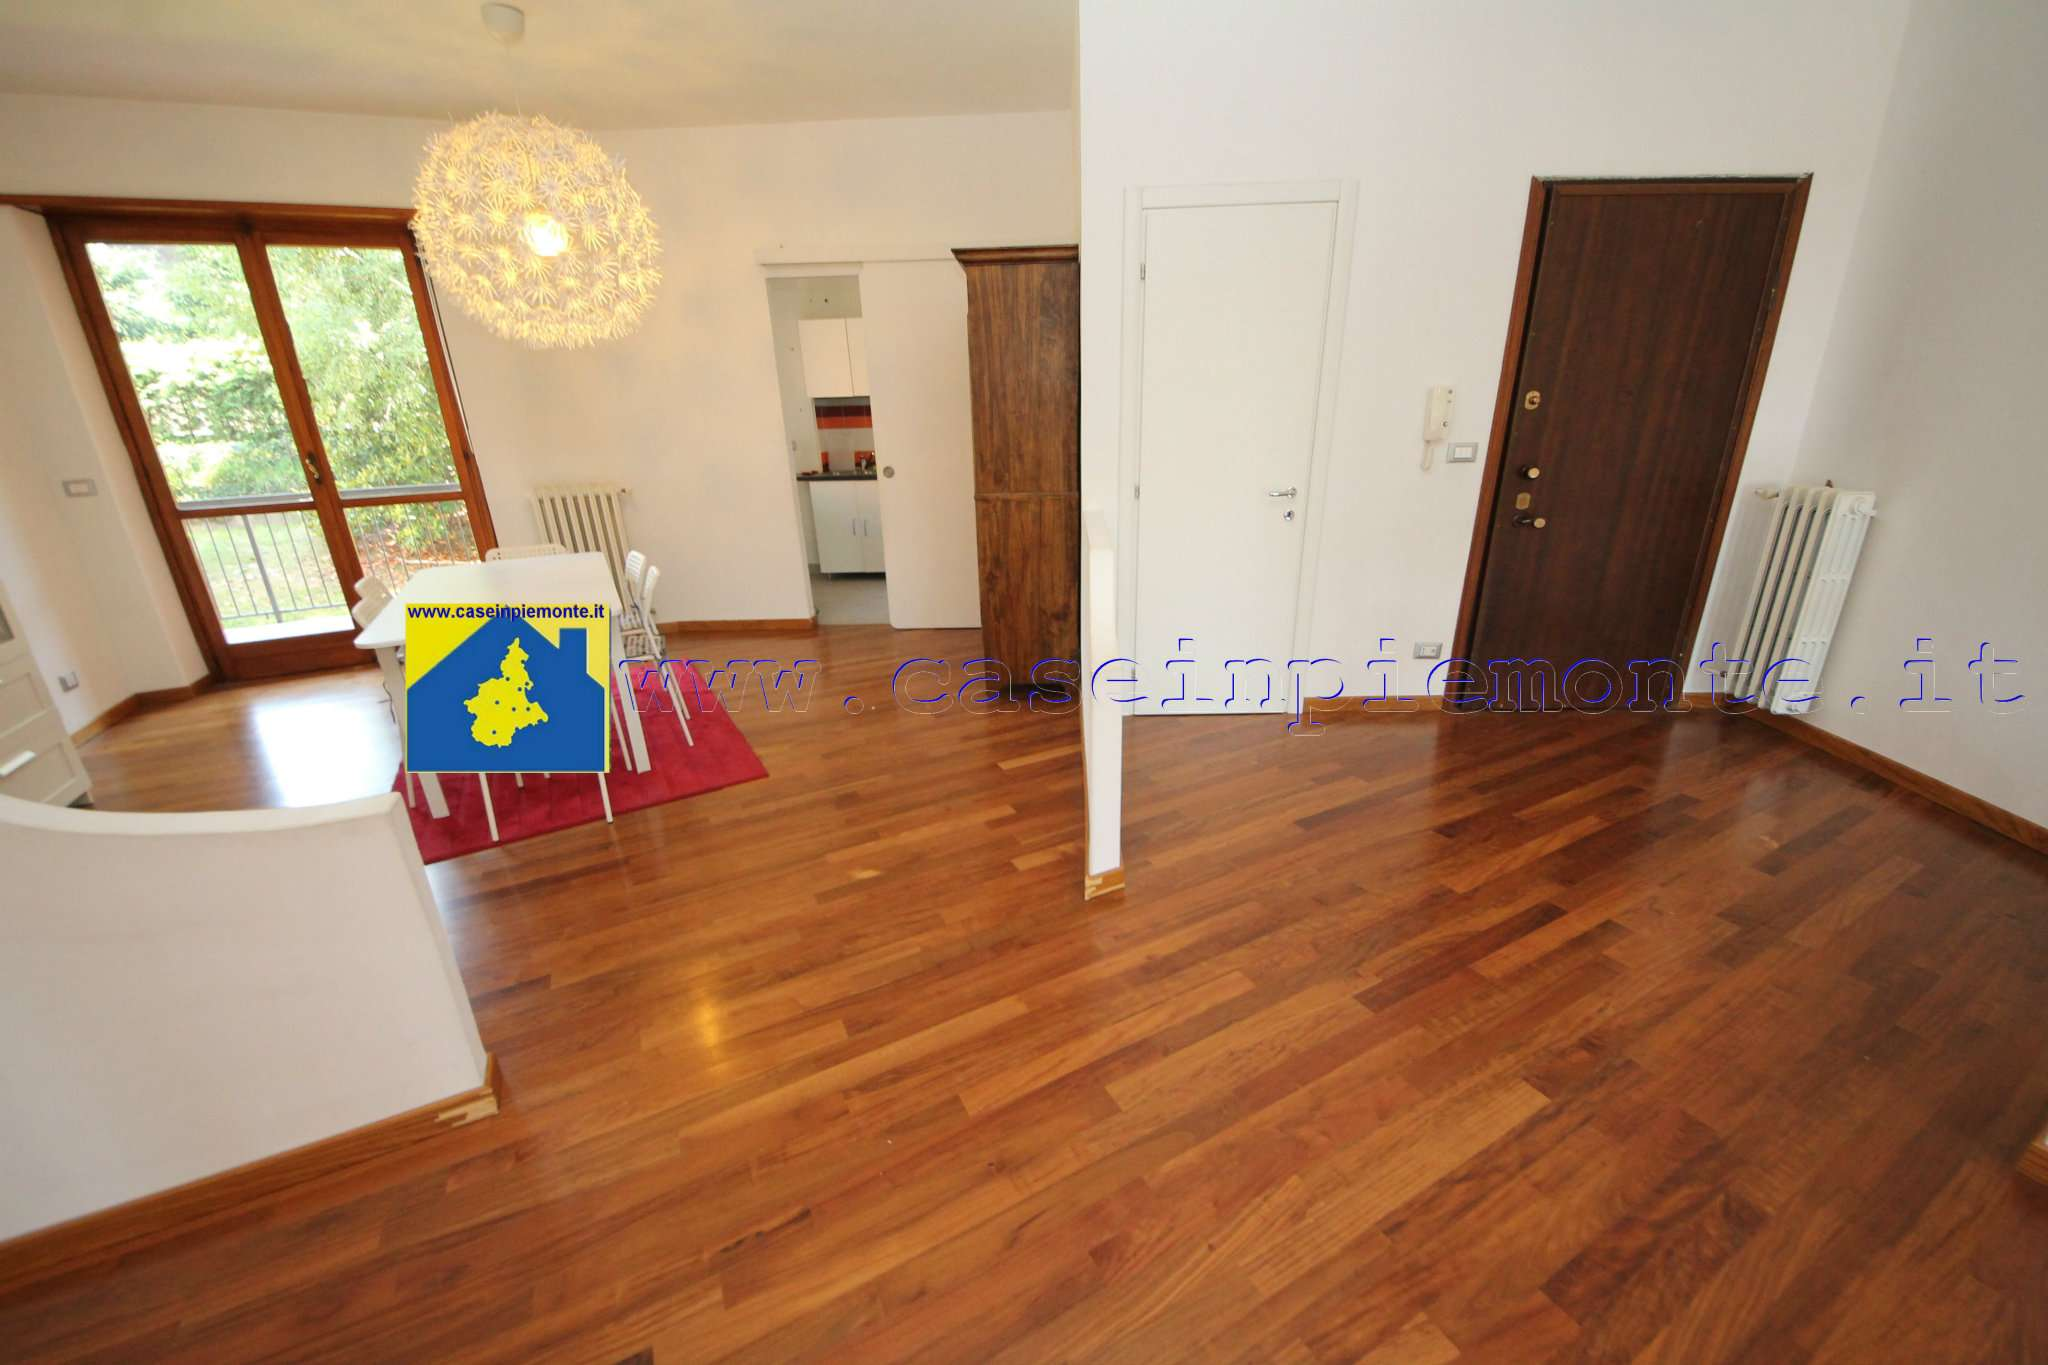 Appartamento in vendita a Rosta, 6 locali, prezzo € 235.000 | CambioCasa.it